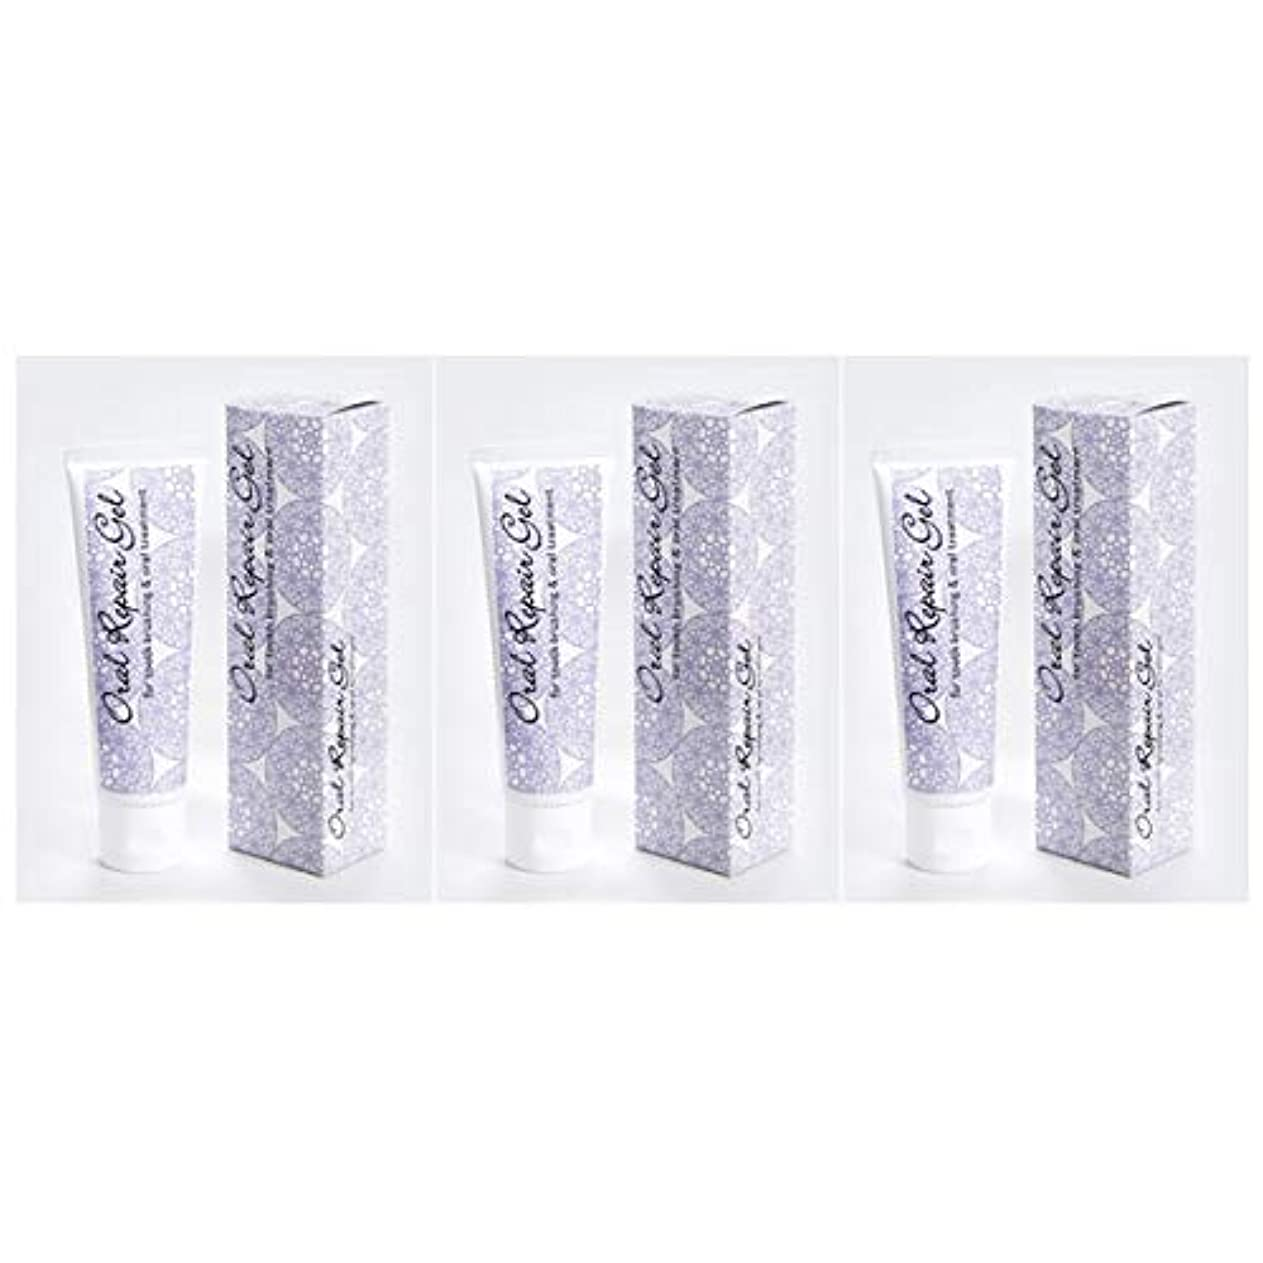 病気柔和インサートオーラルリペアジェル3個セット(80g×3個) 天然アパタイト+乳酸菌生産物質配合の無添加歯磨き剤